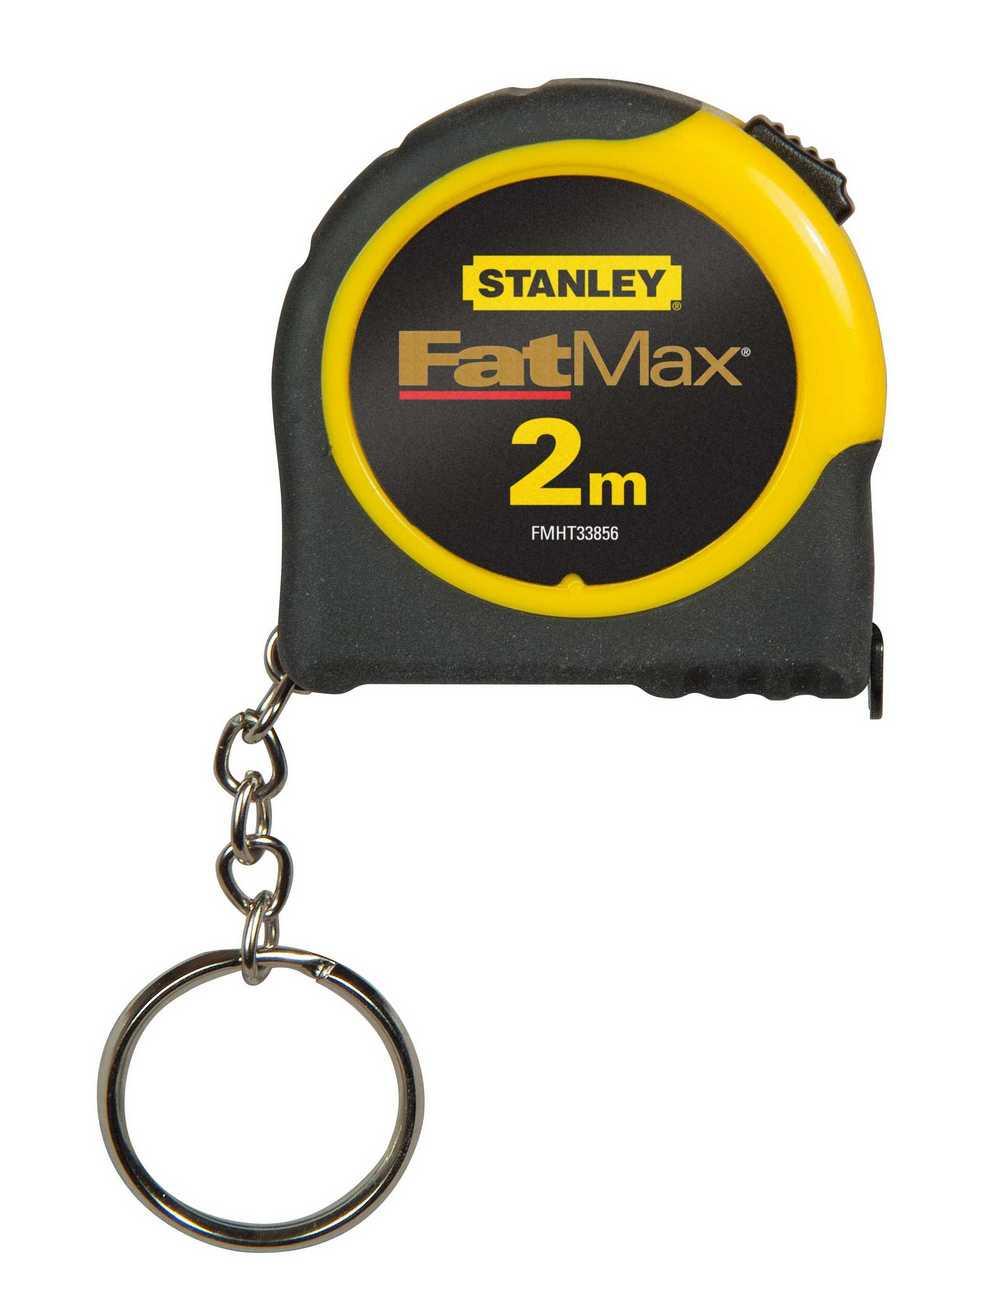 FatMax Rolbandmaat 2m Sleutelhanger Display x 36